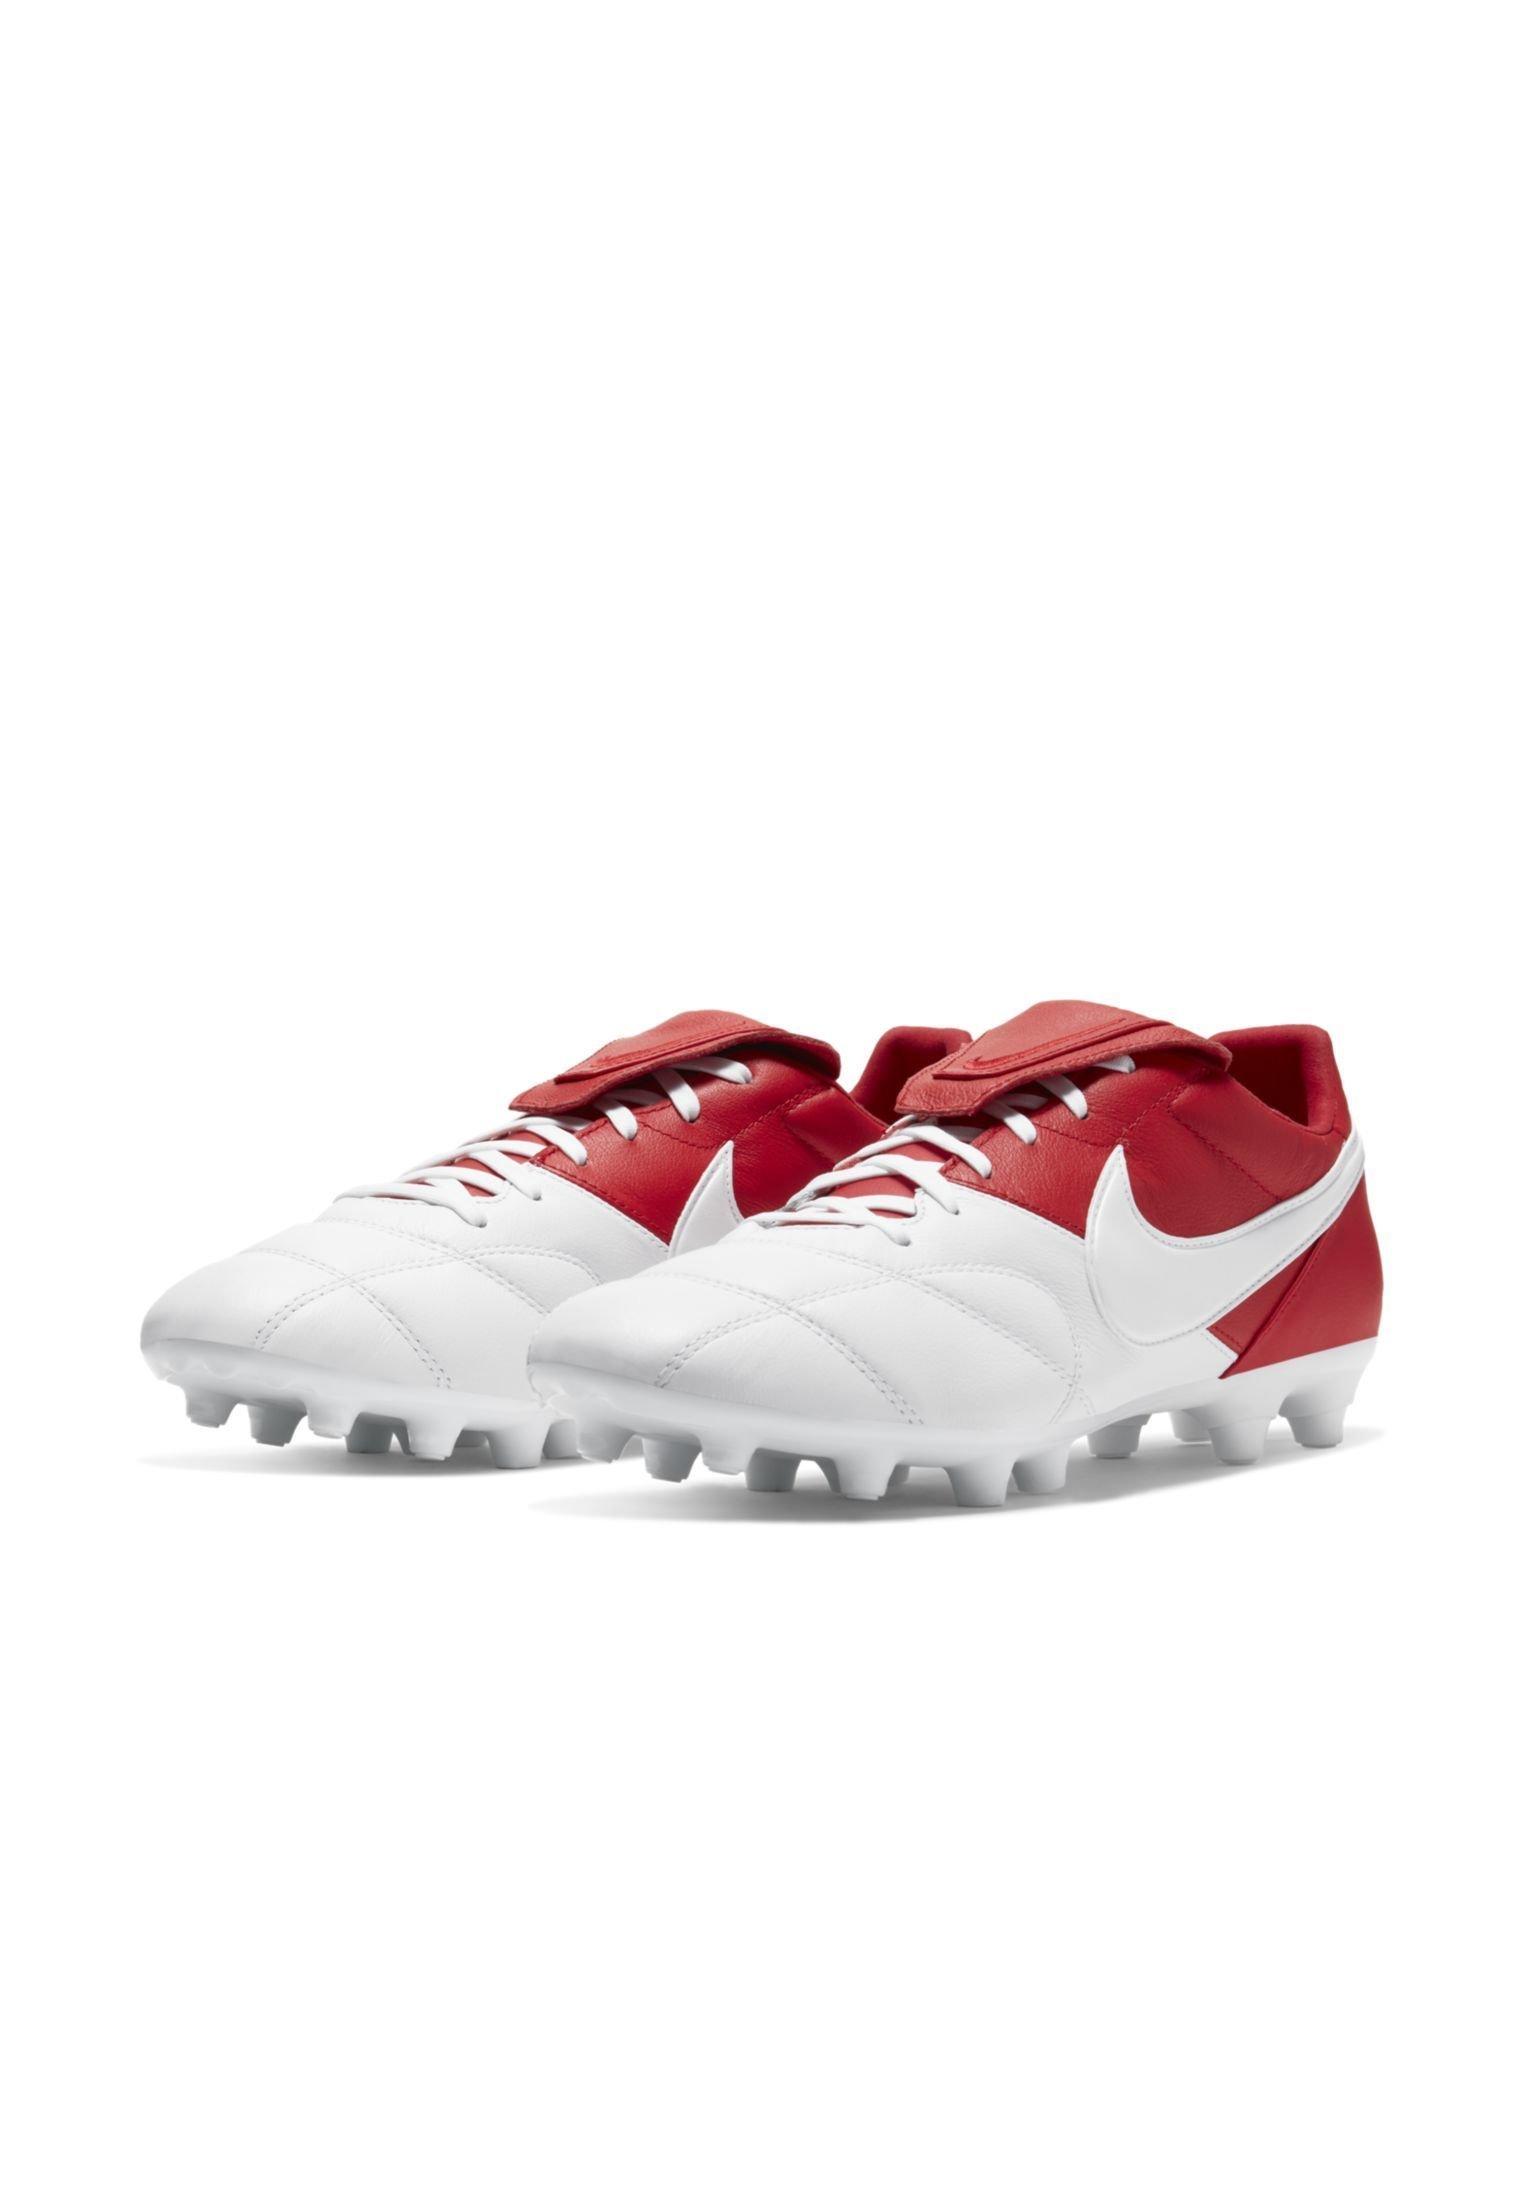 Nike Performance The Premier Ii Fg - Voetbalschoenen Met Kunststof Noppen University Red/university Red/white Goedkope Schoenen